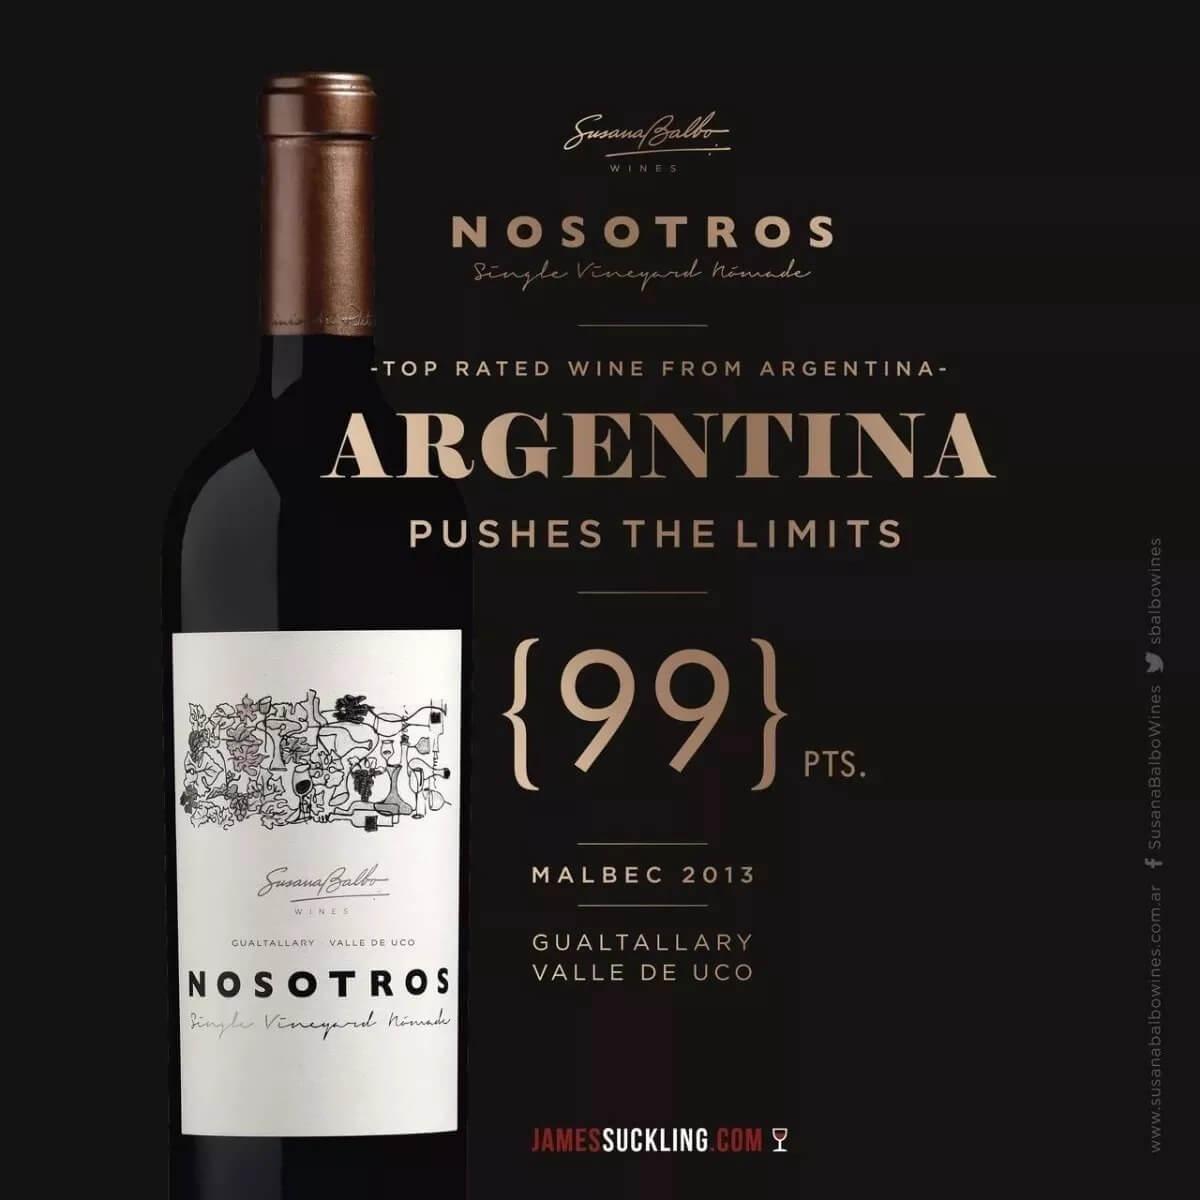 Vinho Tinto Argentino Nosotros Single Vineyard Nomade 2014 Malbec